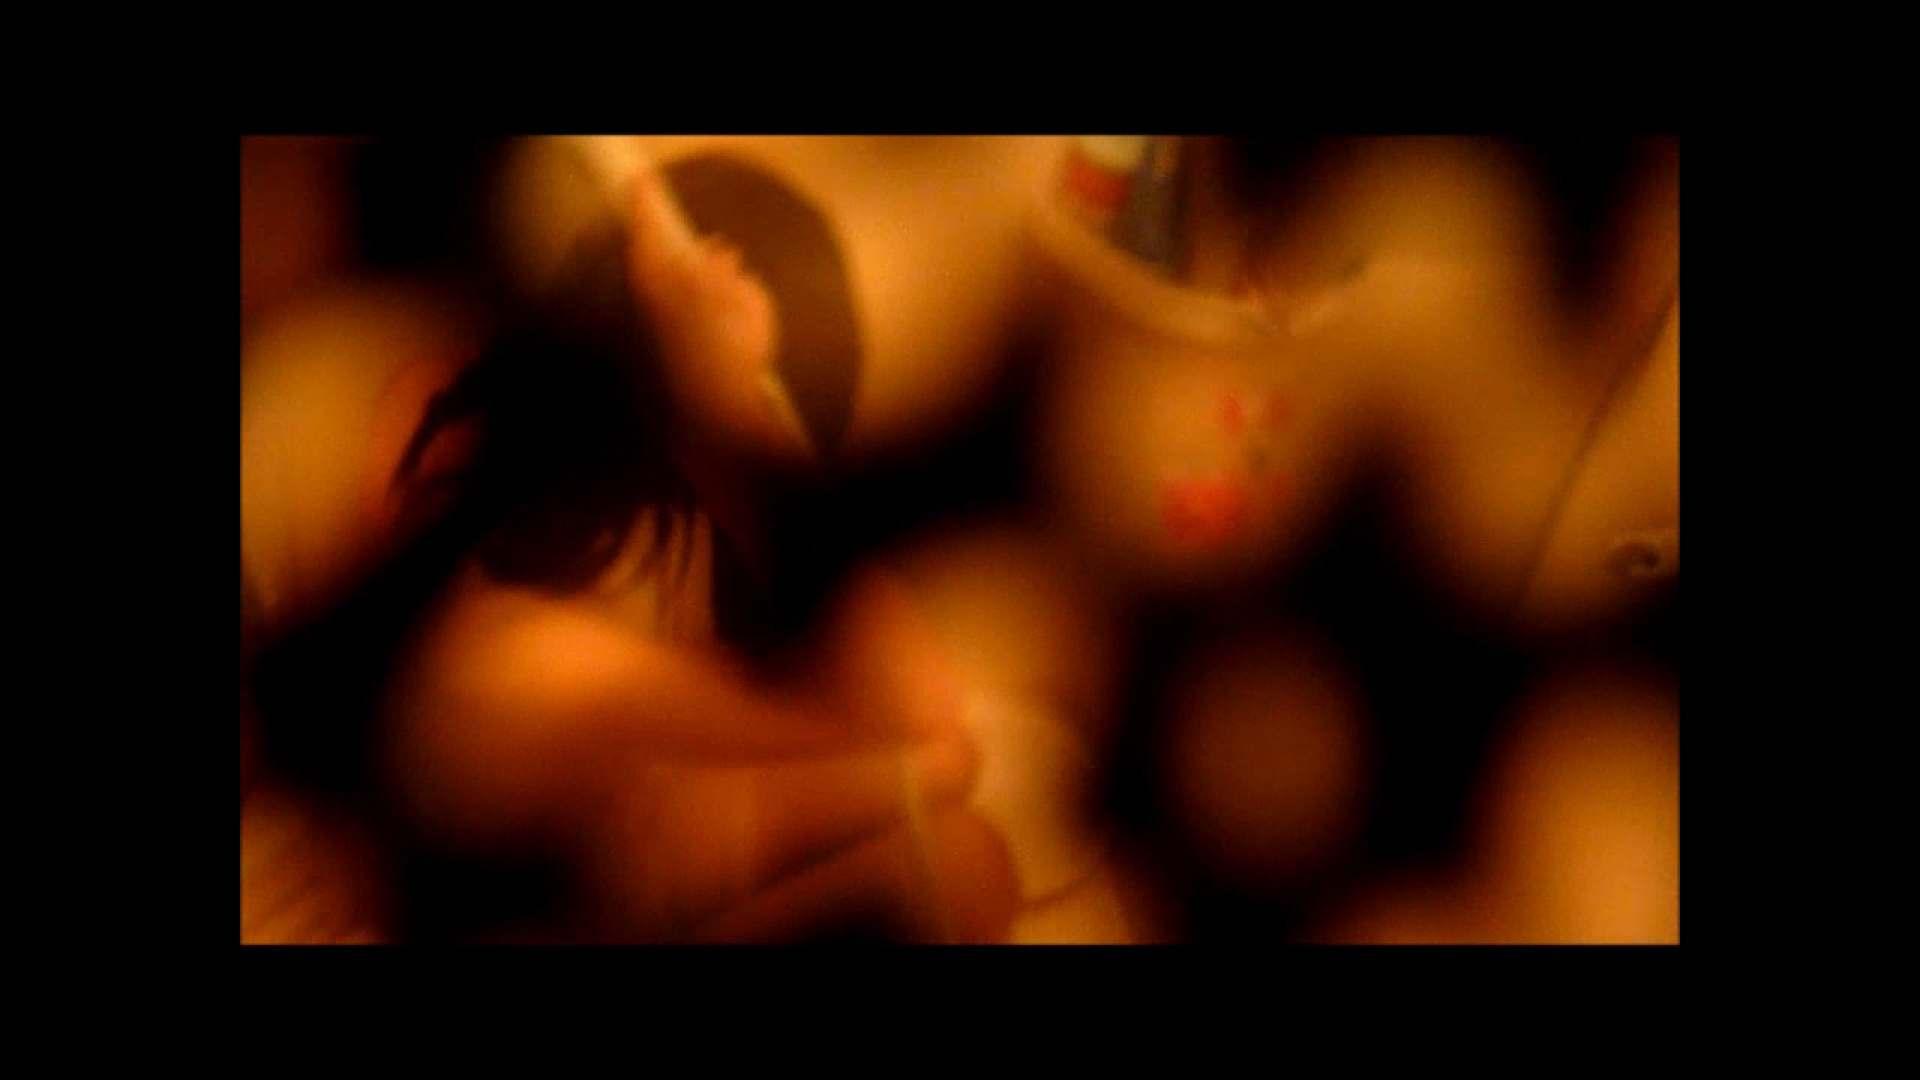 【02】ベランダに侵入して張り込みを始めて・・・やっと結果が出ました。 家宅侵入   0  107pic 91